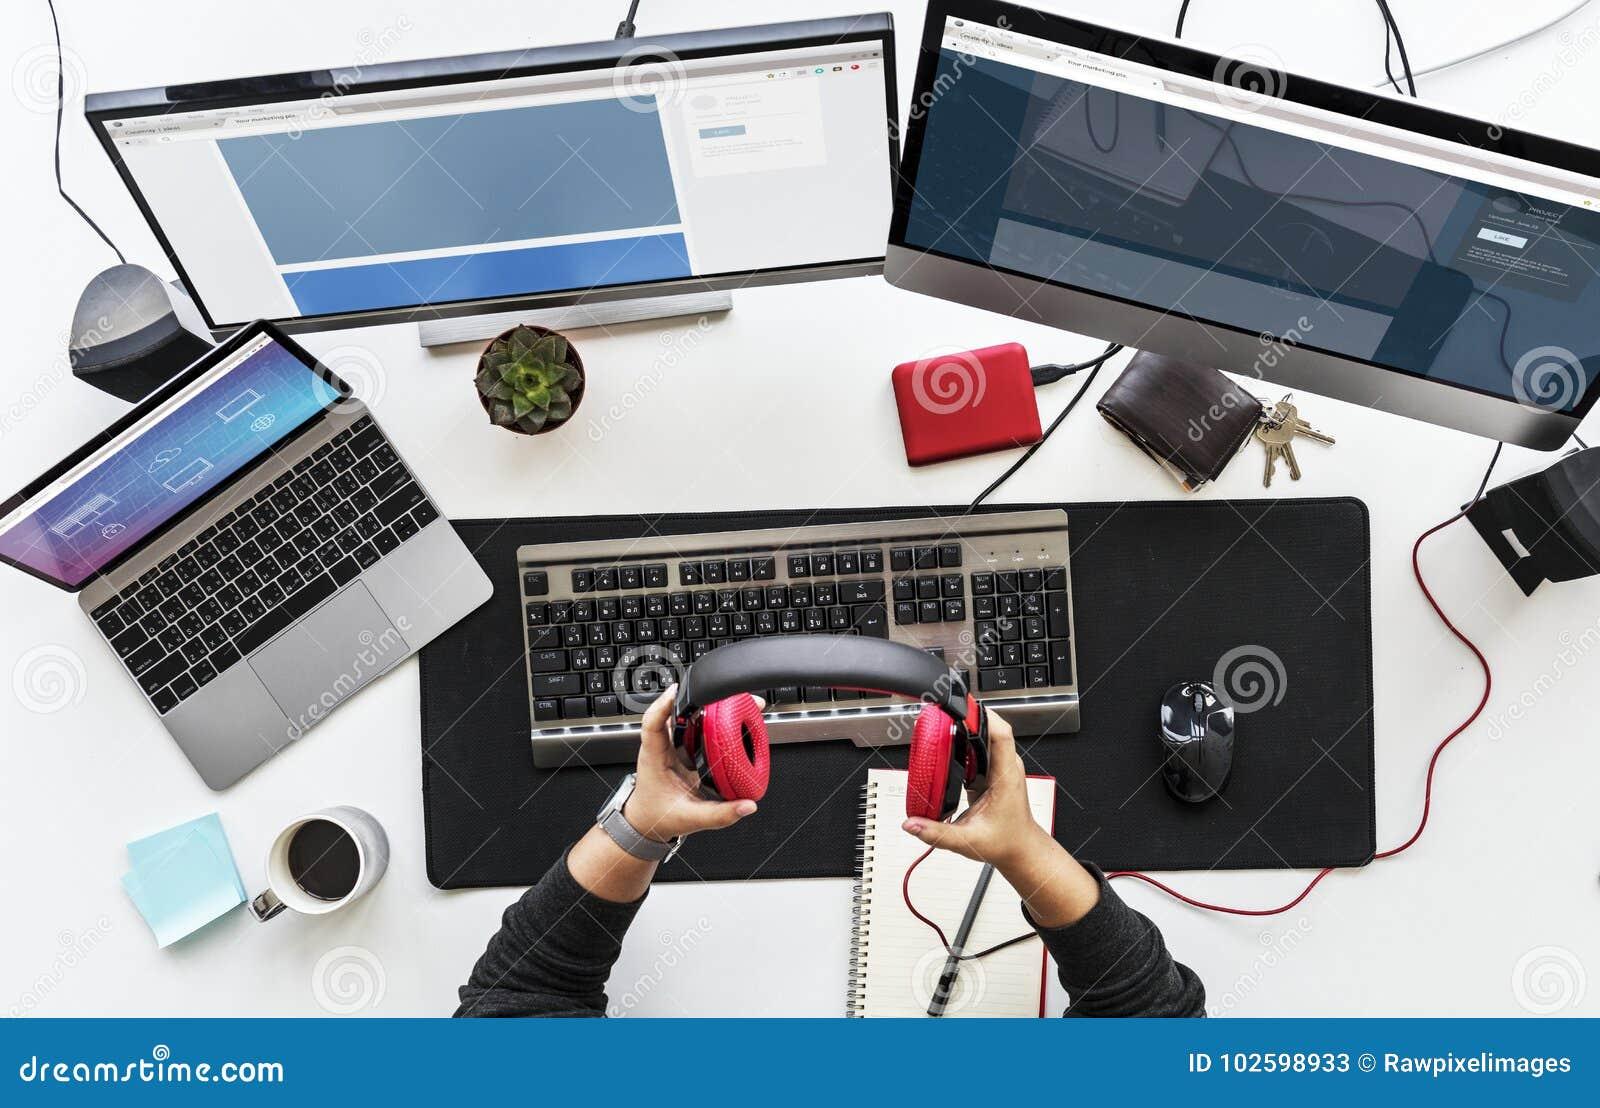 工作有多个屏幕和电子设备的书桌